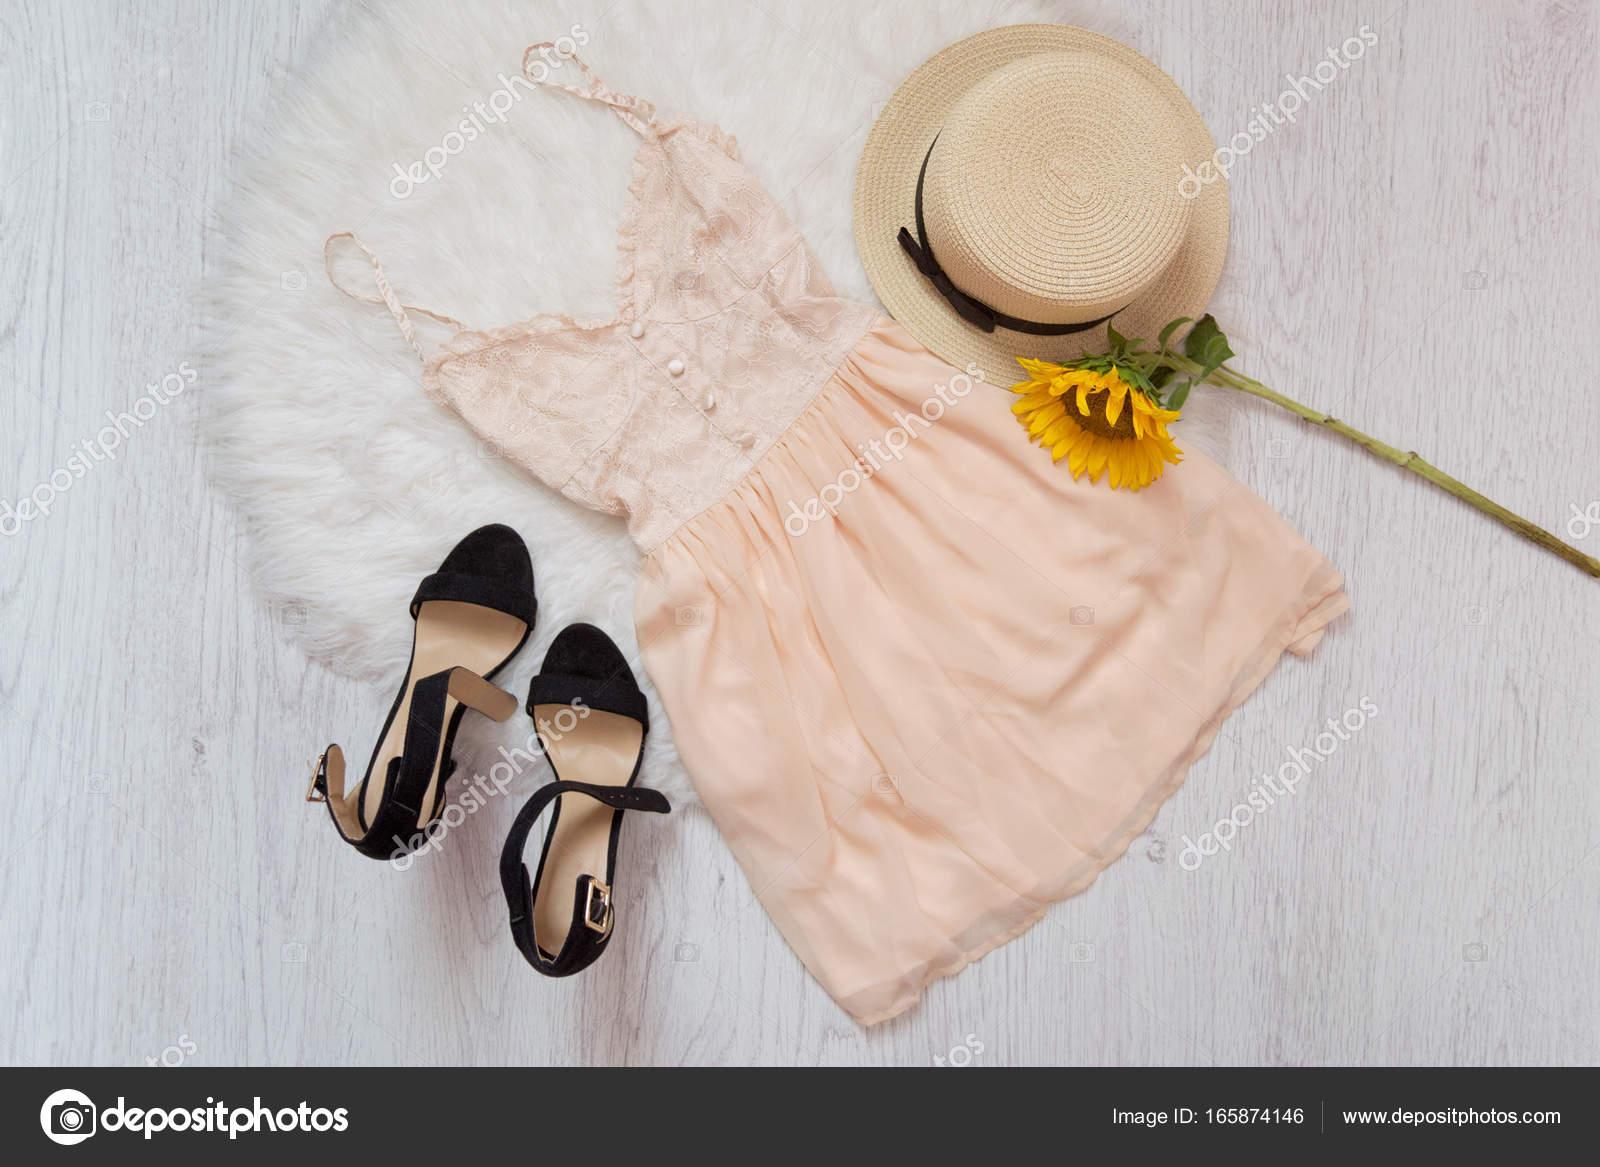 4c4a17d2a Krem sukienkę, buty, Kapelusz Słomkowy i słonecznik. Białe futro, widok z  góry — Zdjęcie od SomeMeans